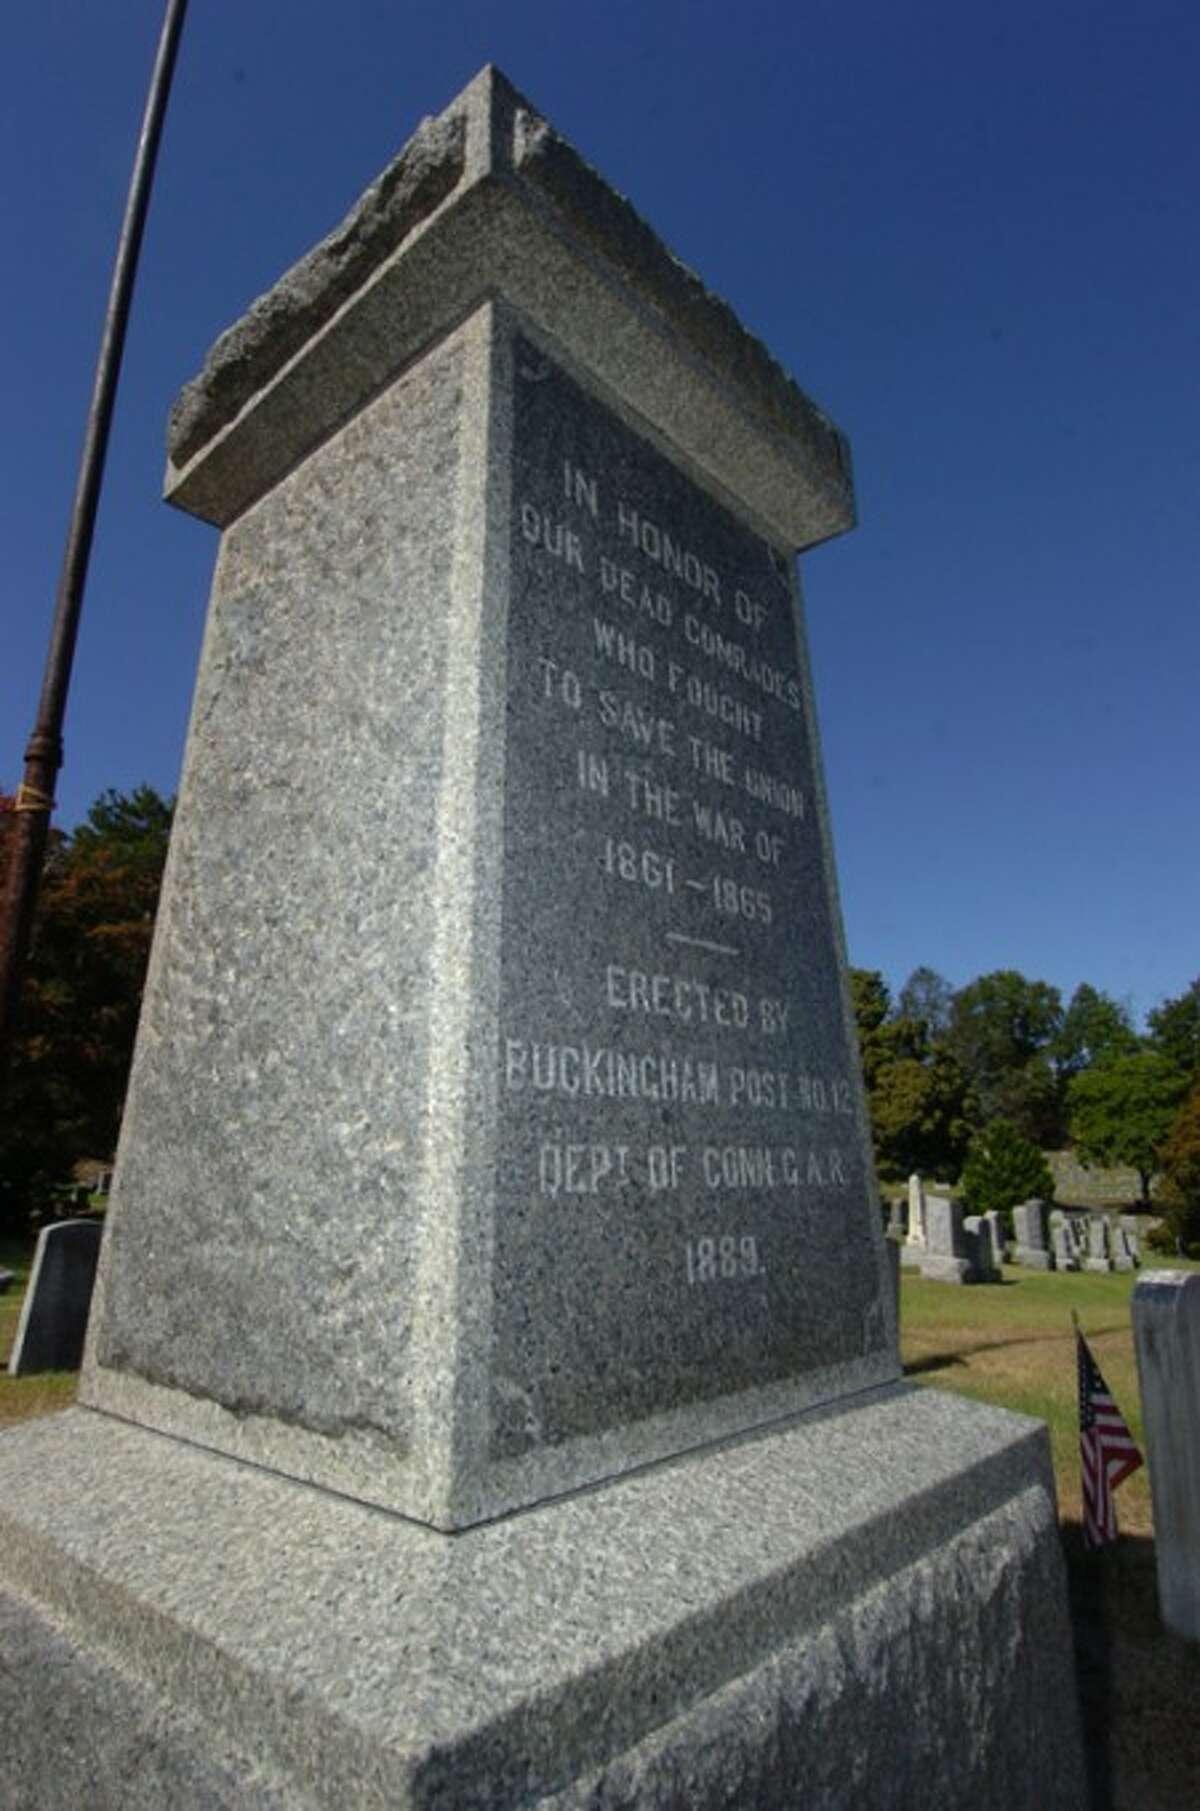 Photo/Alex von Kleydorff. The pedestal where the Civil war statue stood before it was vandalized in Riverside Cemetery.